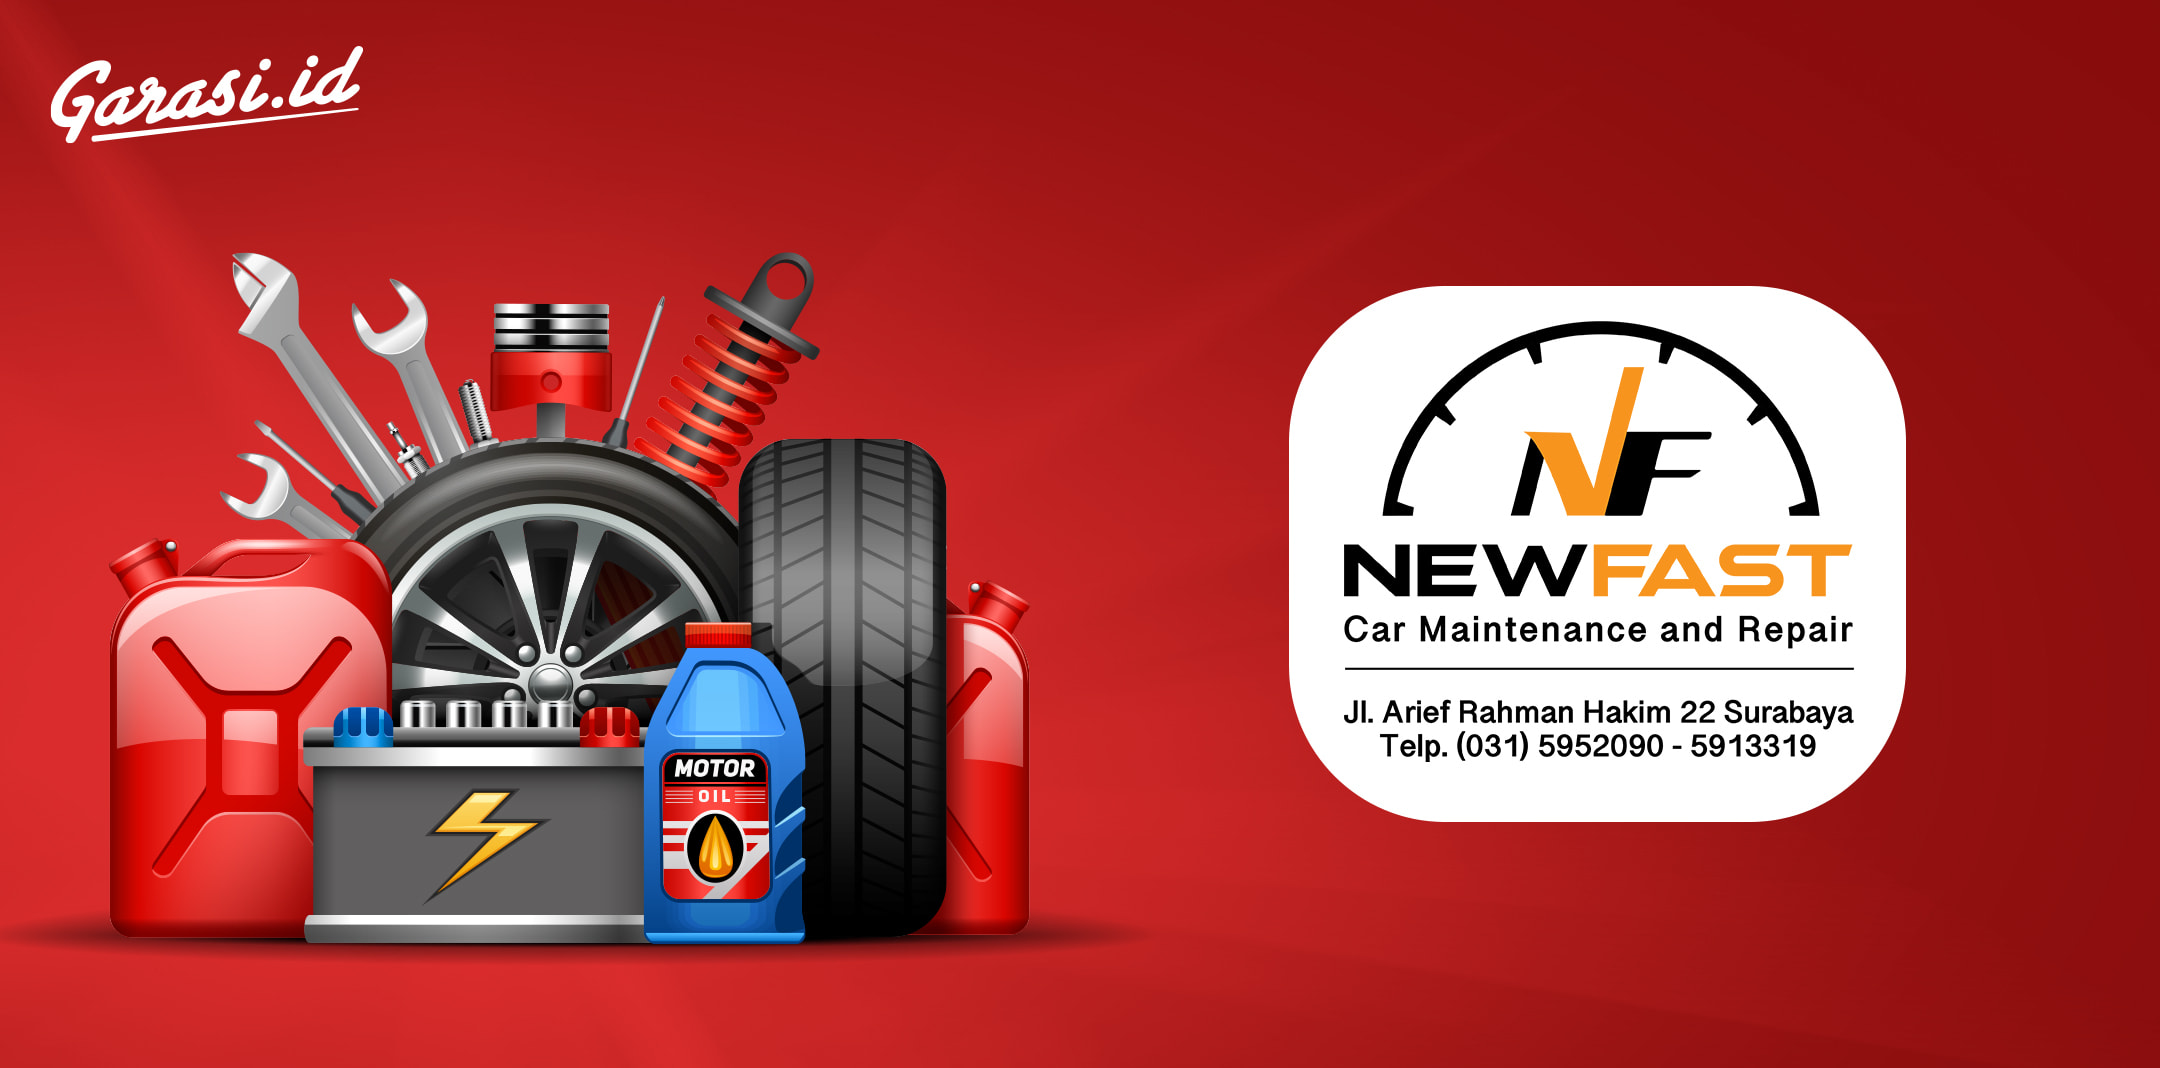 New Fast Car Maintenance and Repair